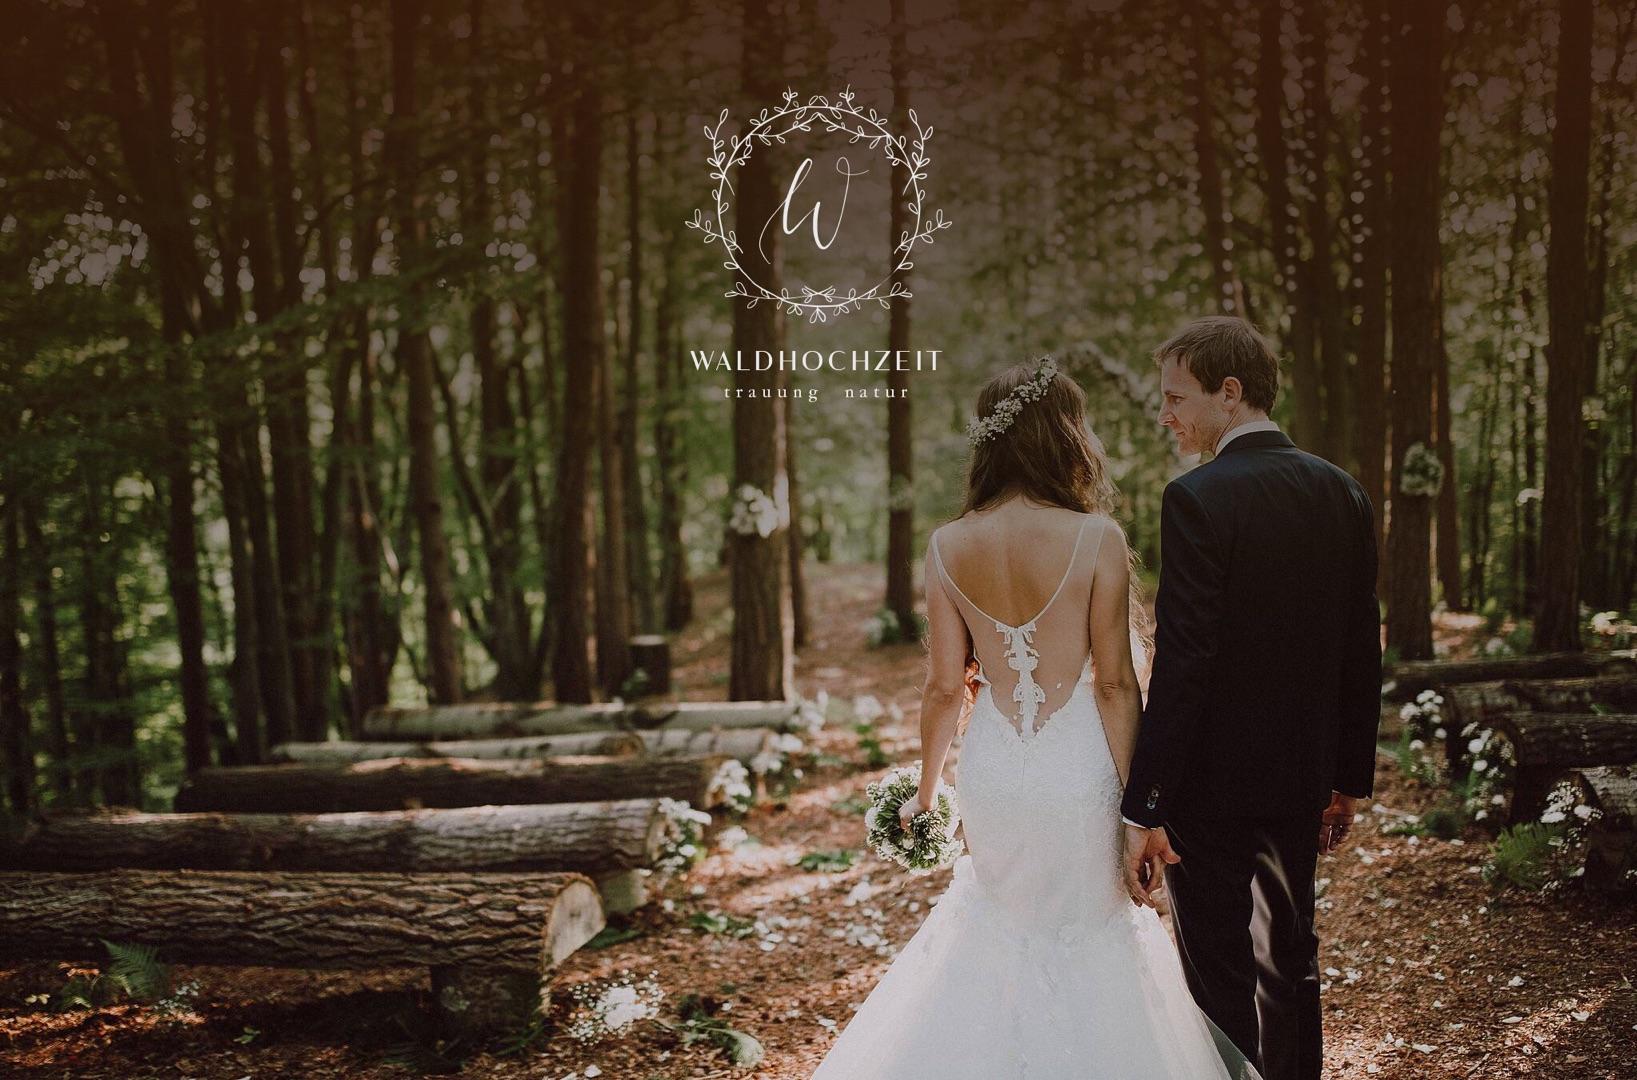 Waldhochzeit Hochzeitslocation Steiermark Hochzeit Click